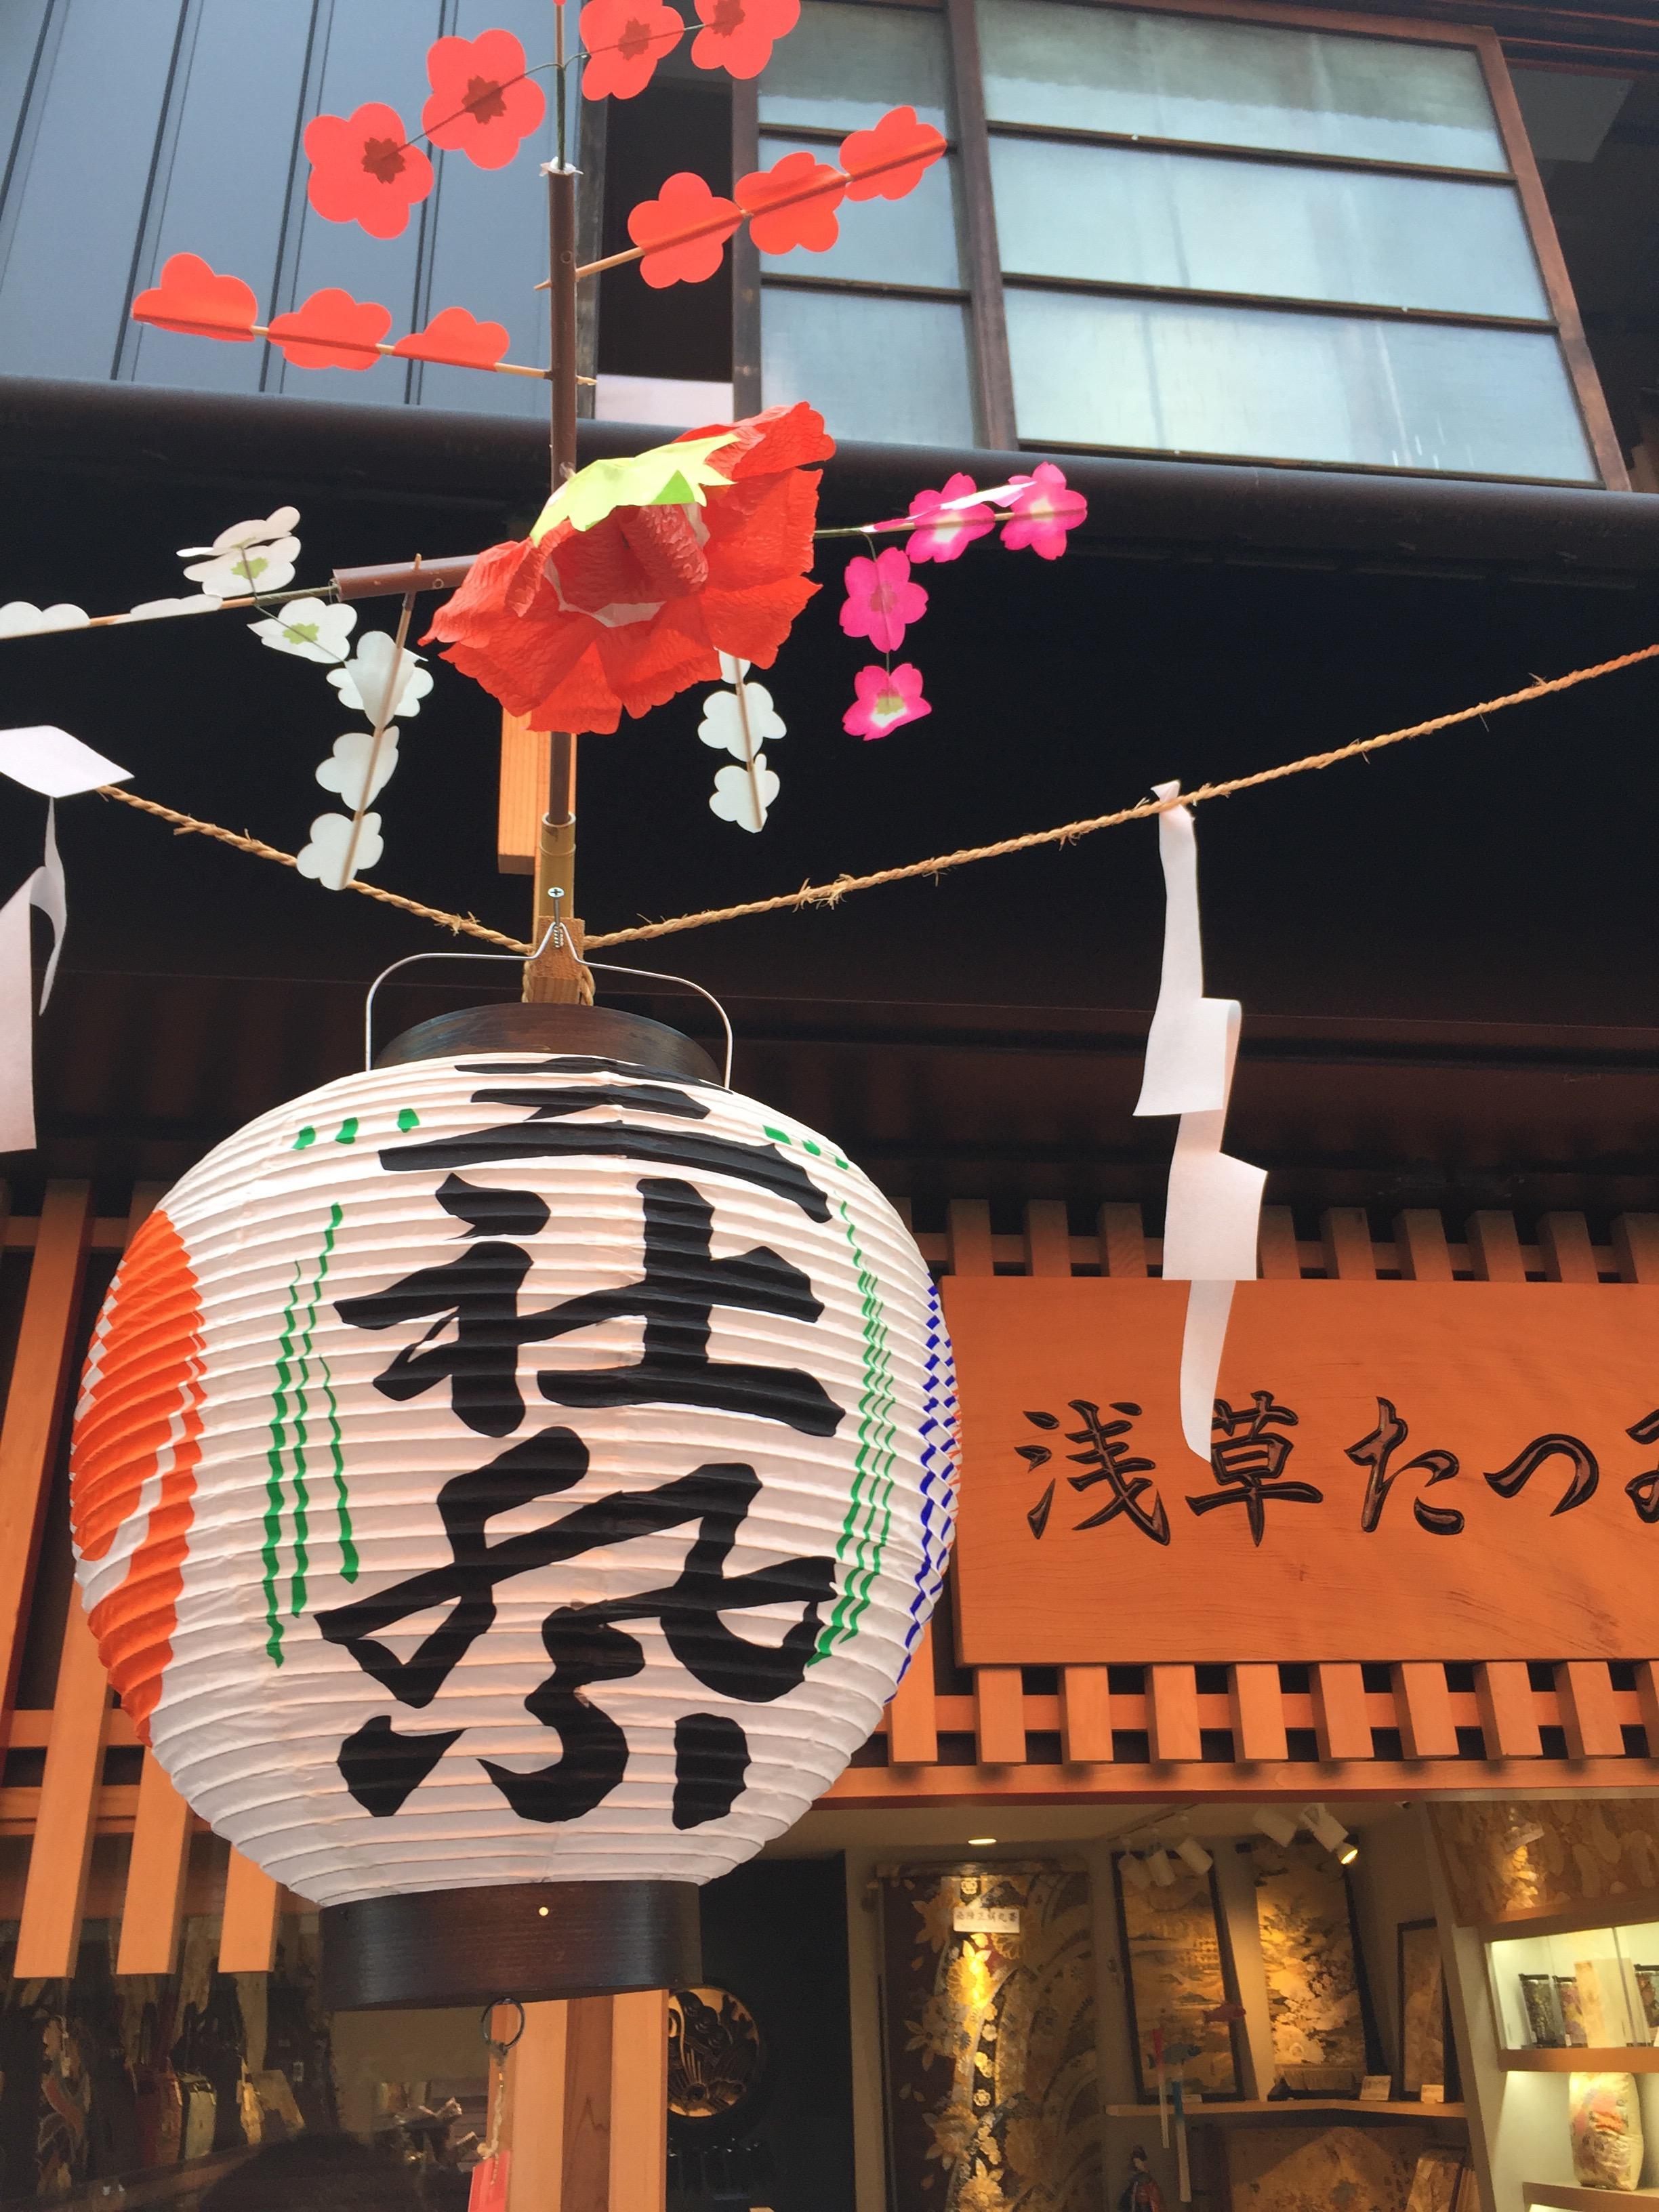 これぞ江戸の祭り!スカイツリーのたもとで荒々しく振られる100基のみこし!DJポリスも出動中。夏を告げる熱い祭り・浅草三社祭!